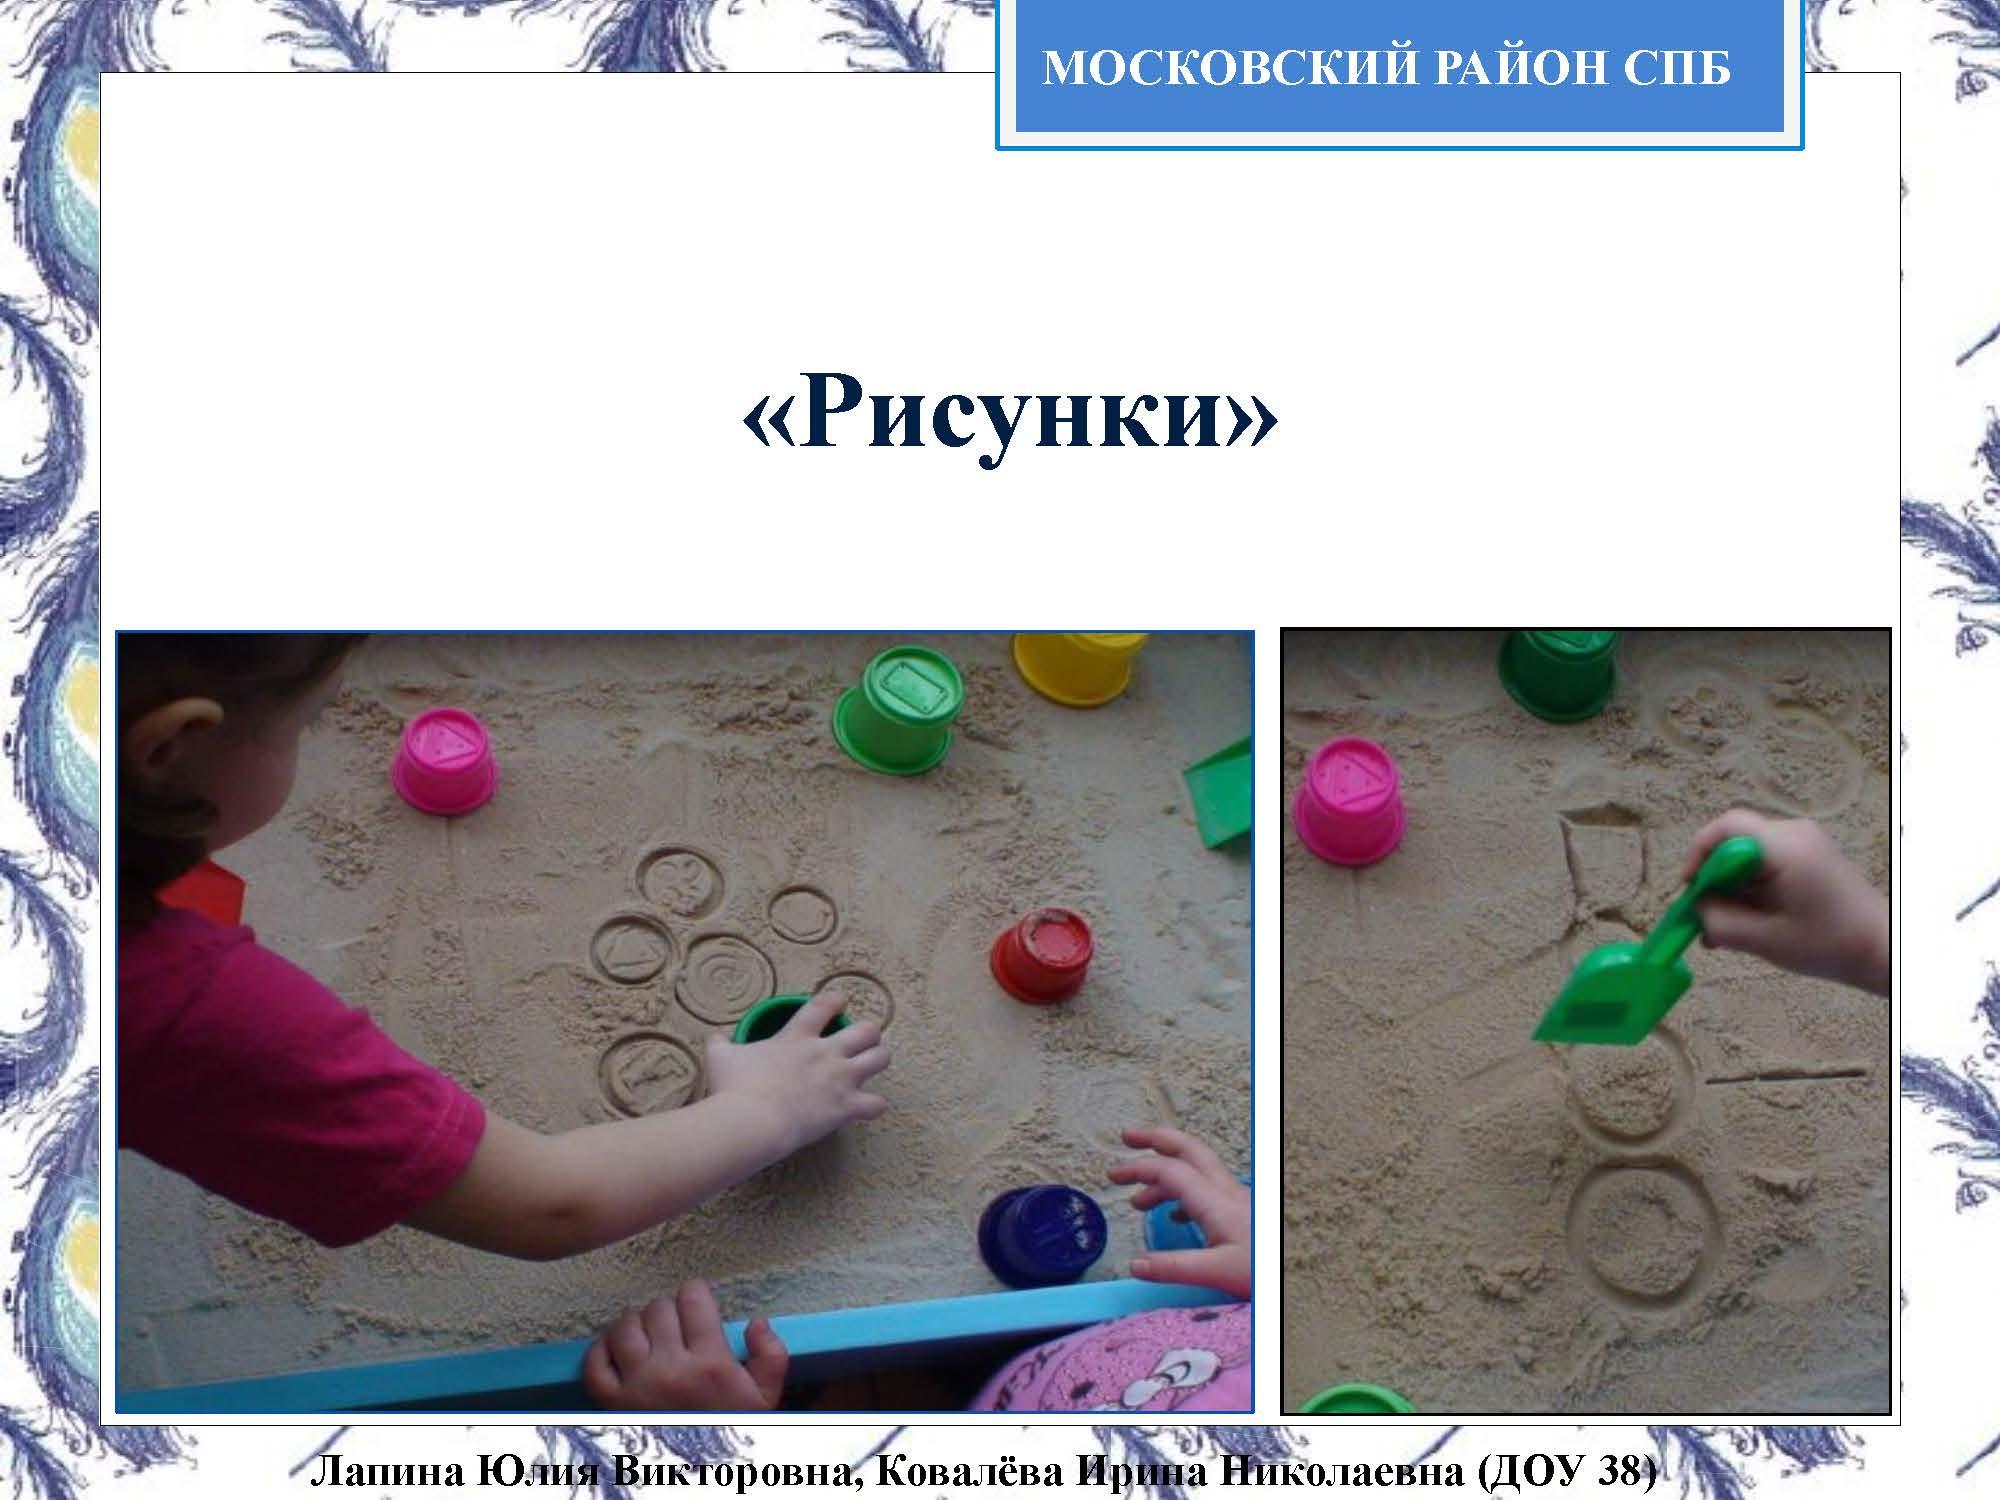 Секция 8. ДОУ 38, Московский район_Страница_27